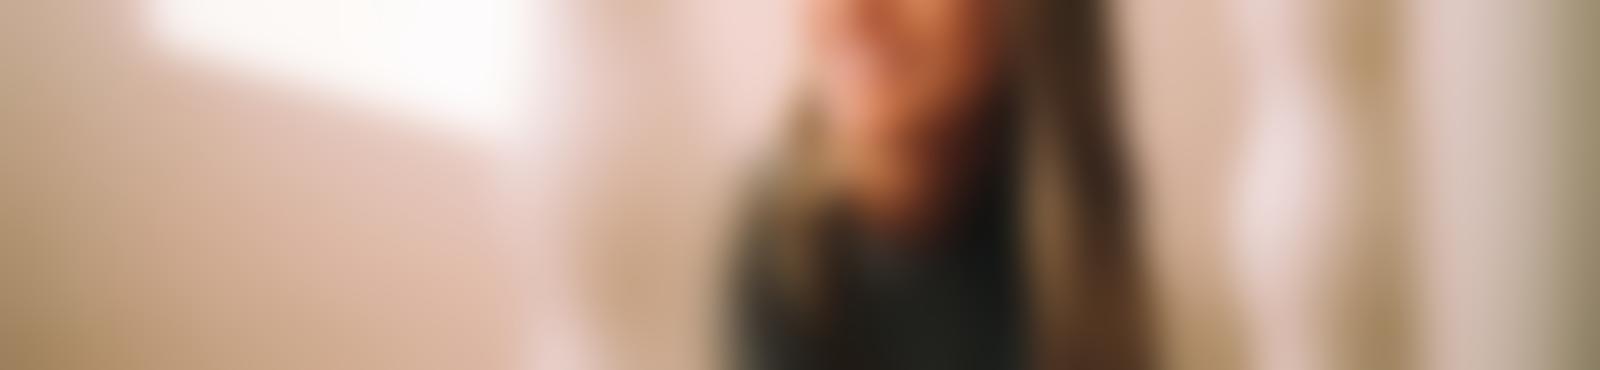 Blurred ace68511 3135 47ed 9fc8 60c75245f8c4